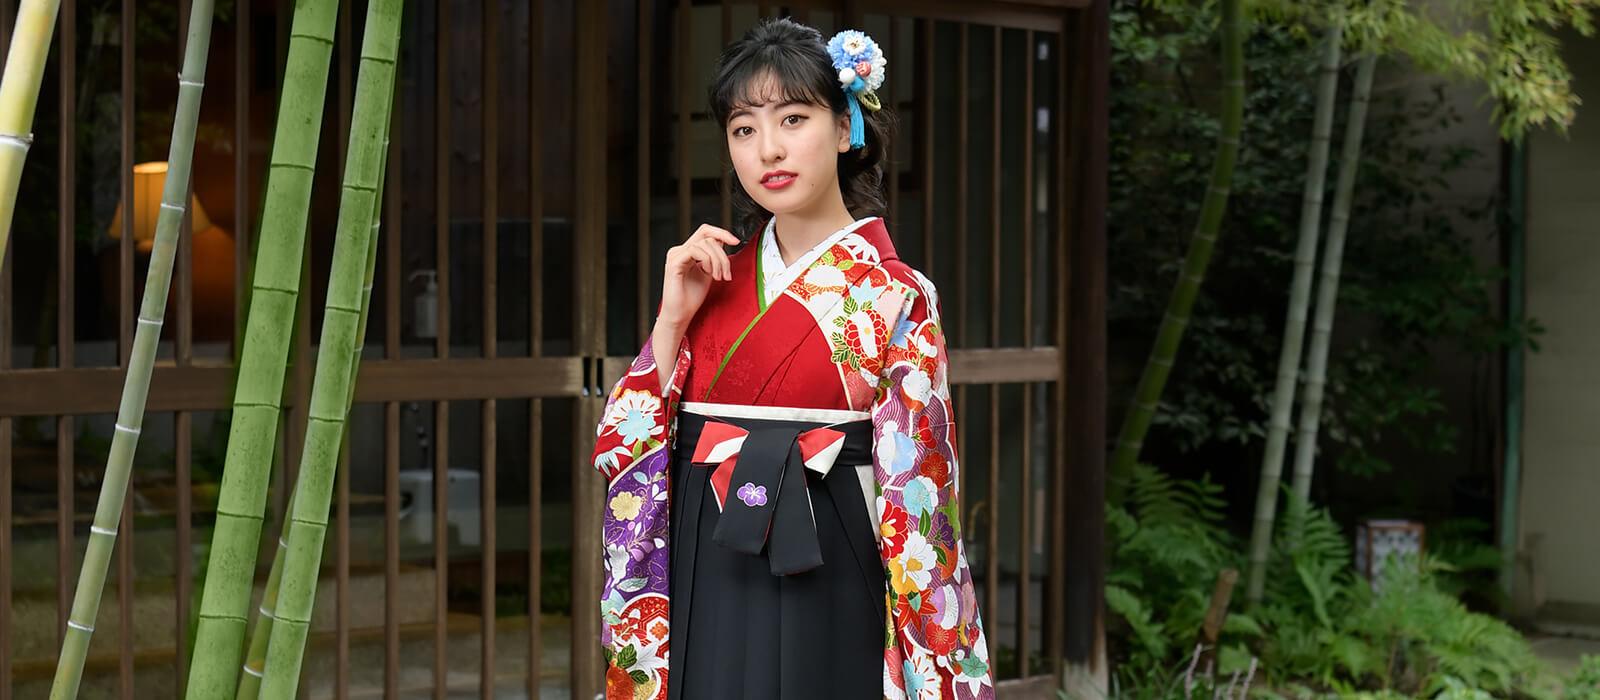 卒業式もわたしらしく 色の組み合わせで袴美人に